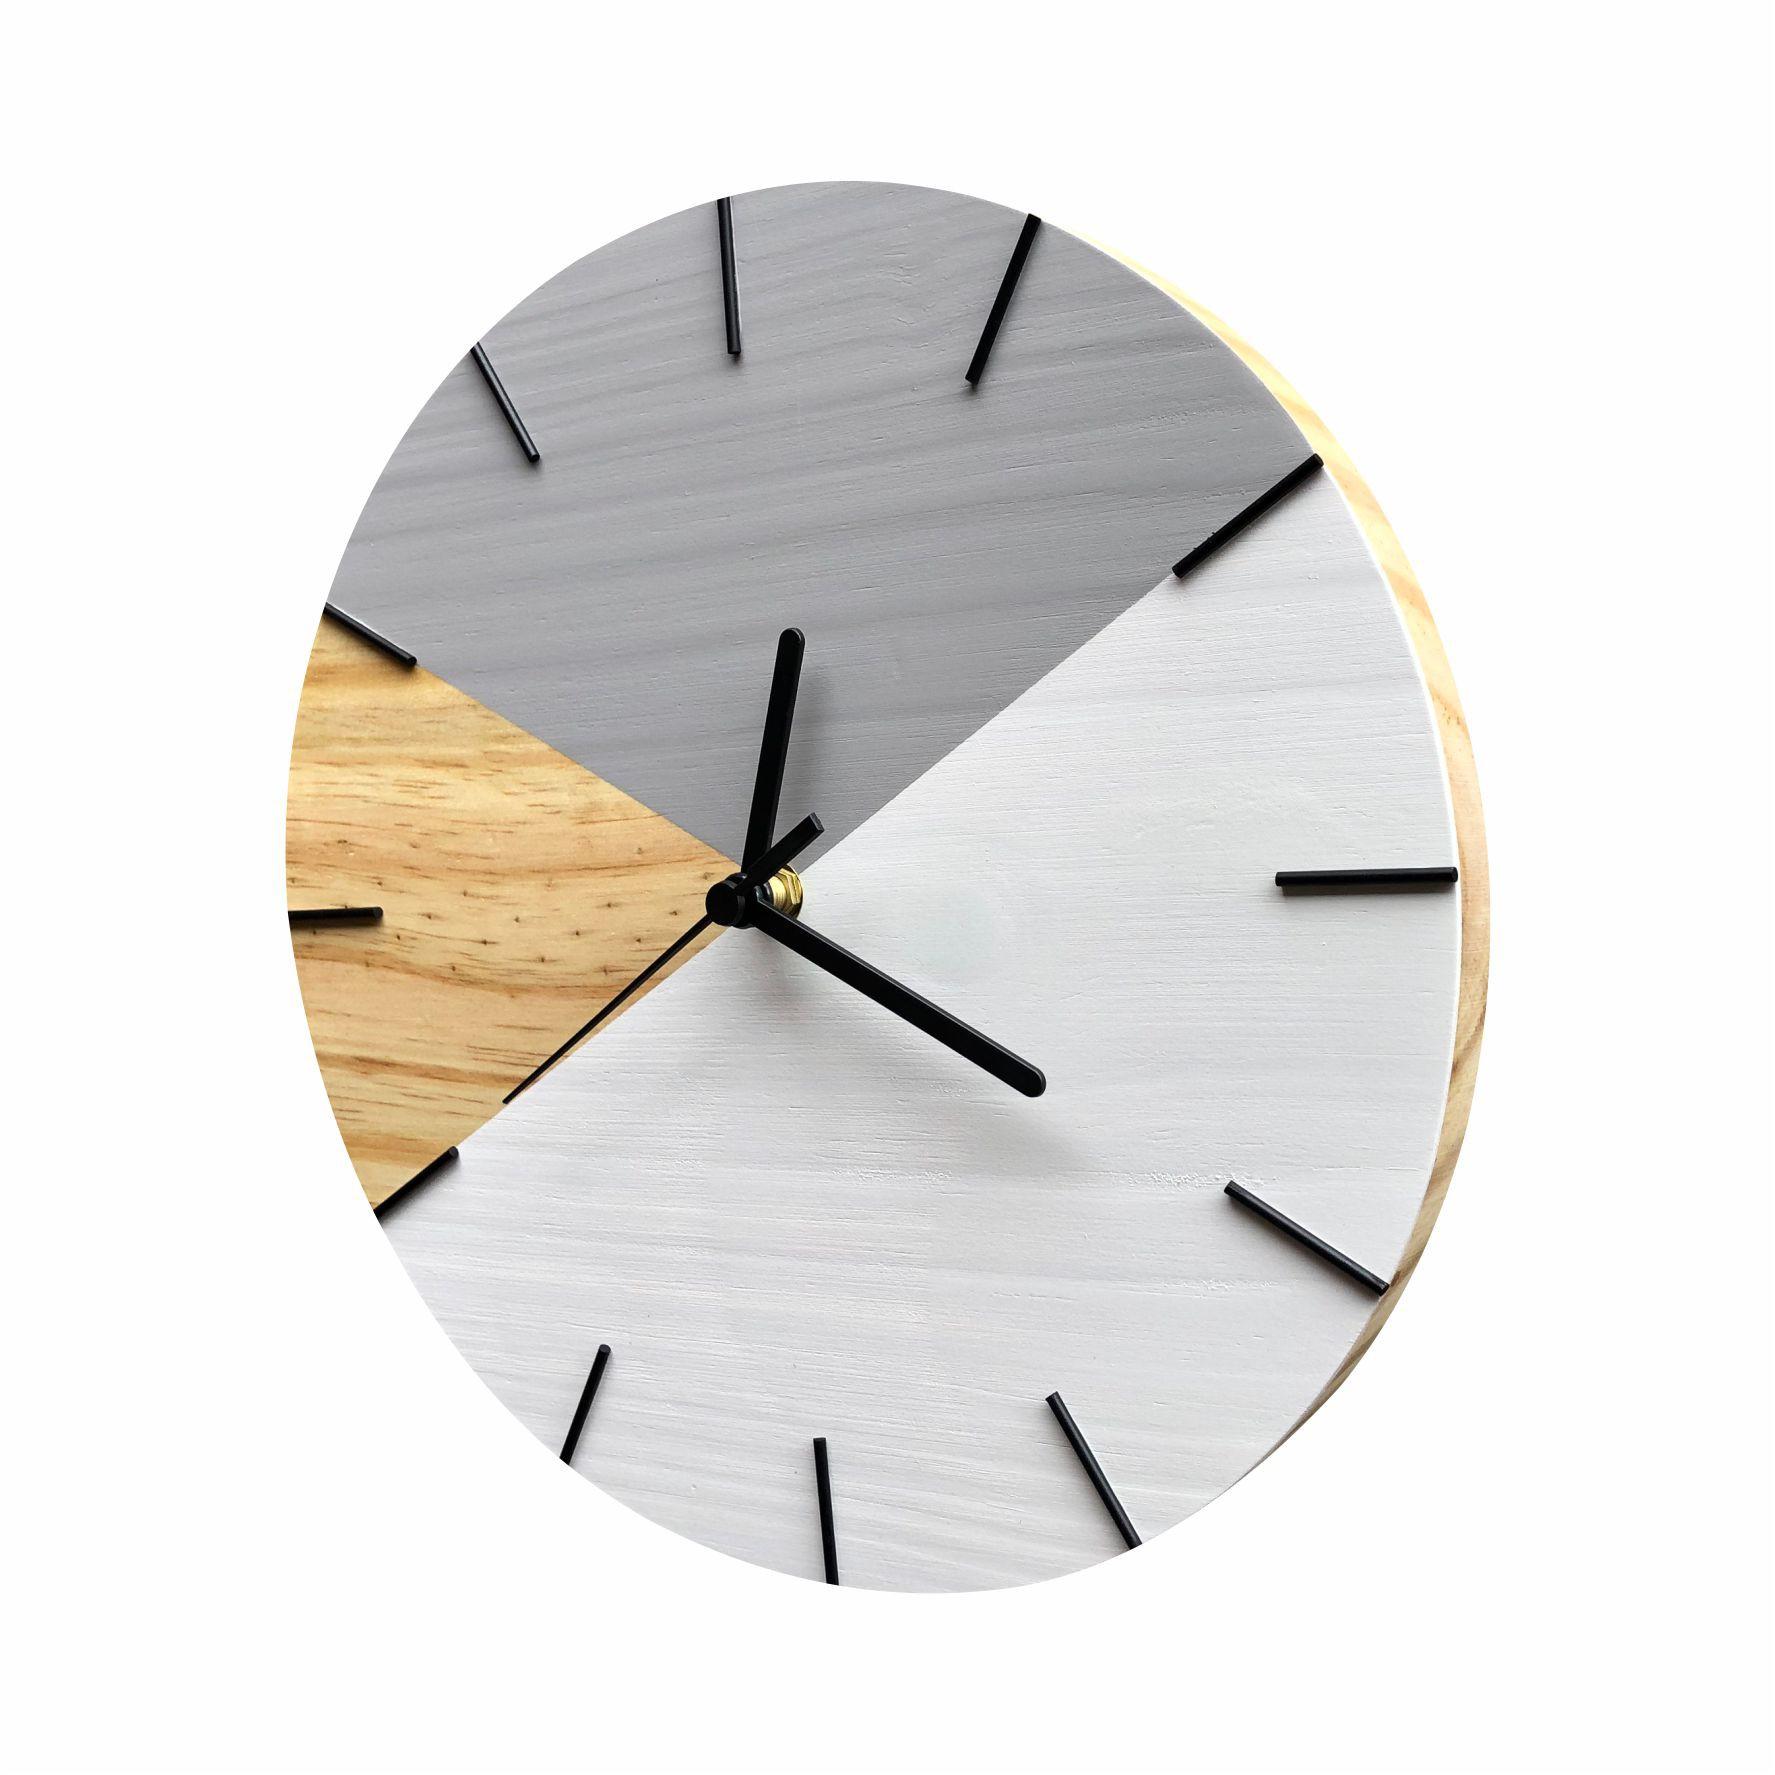 Relógio de Parede Em Madeira Geométrico Cinza e Branco Minimalista com Detalhes Preto